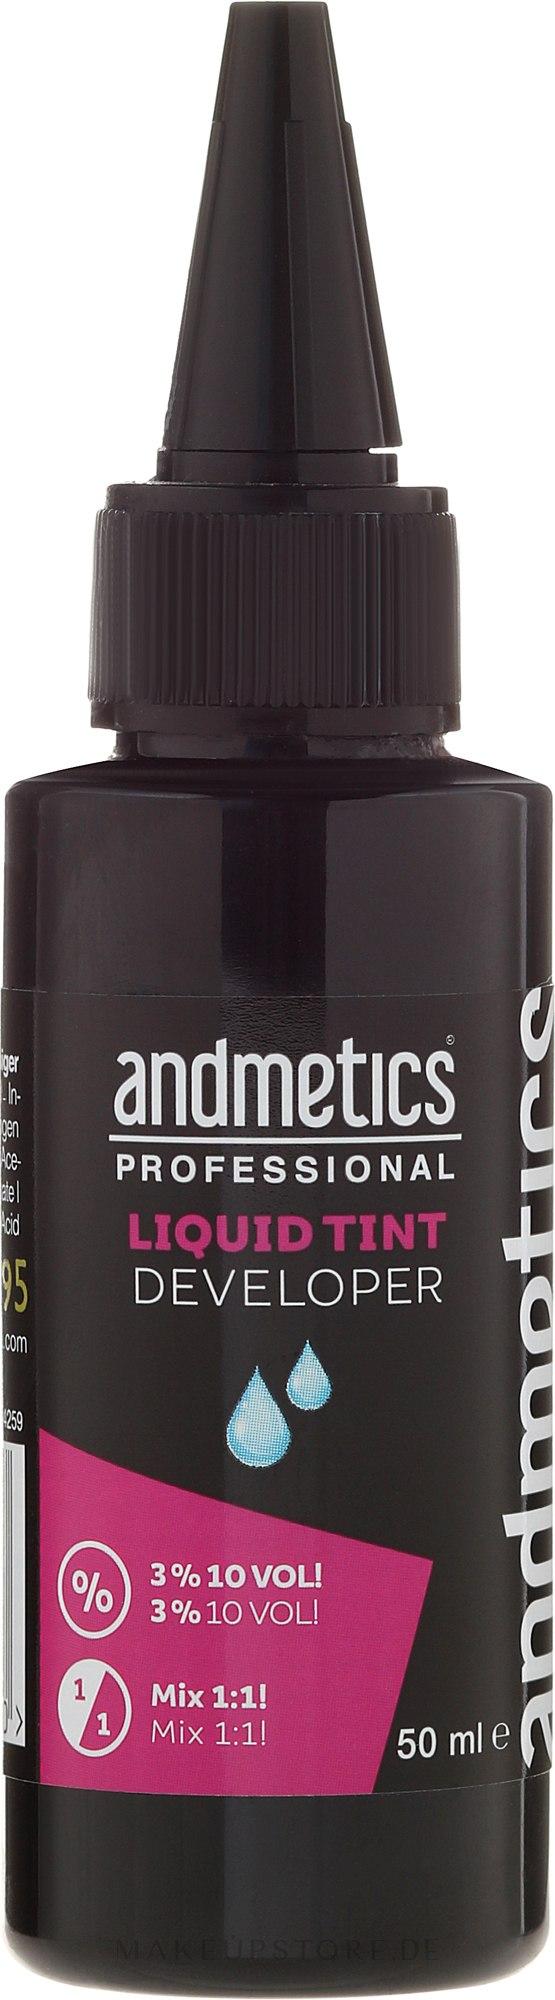 Oxidationsmittel 3% - Andmetics Liquid Tint Developer — Bild 50 ml